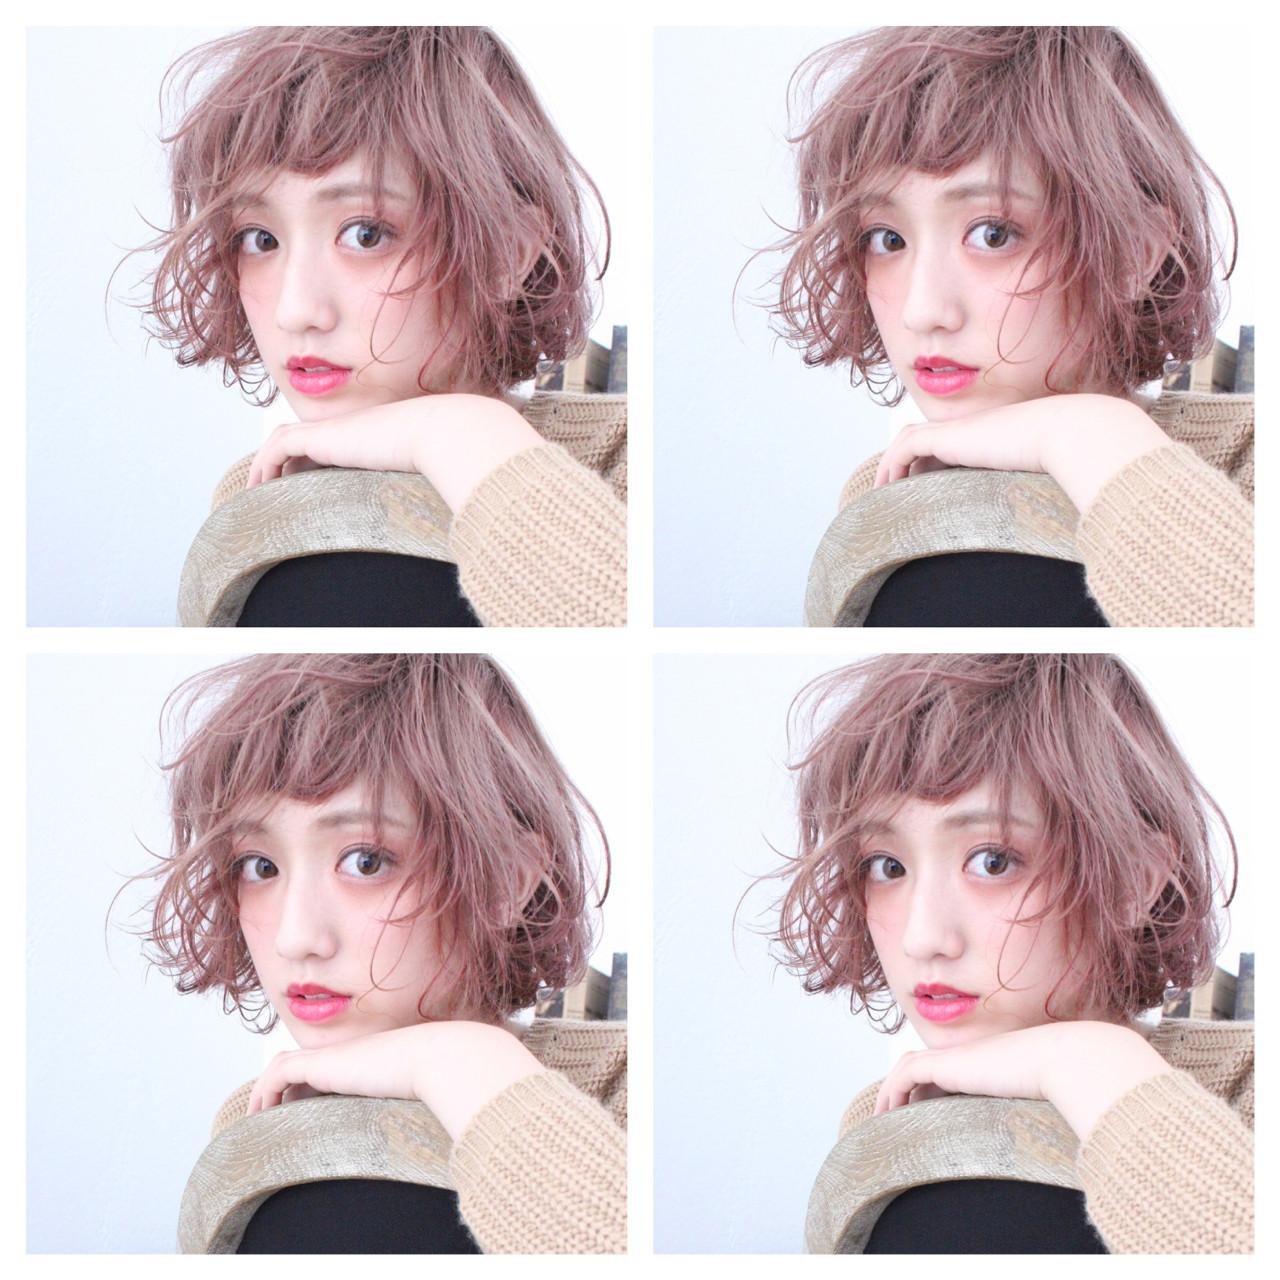 ゆるふわ ボブ ラベンダーピンク ベージュ ヘアスタイルや髪型の写真・画像 | 上田智久 / ooit 福岡 天神 / ooit